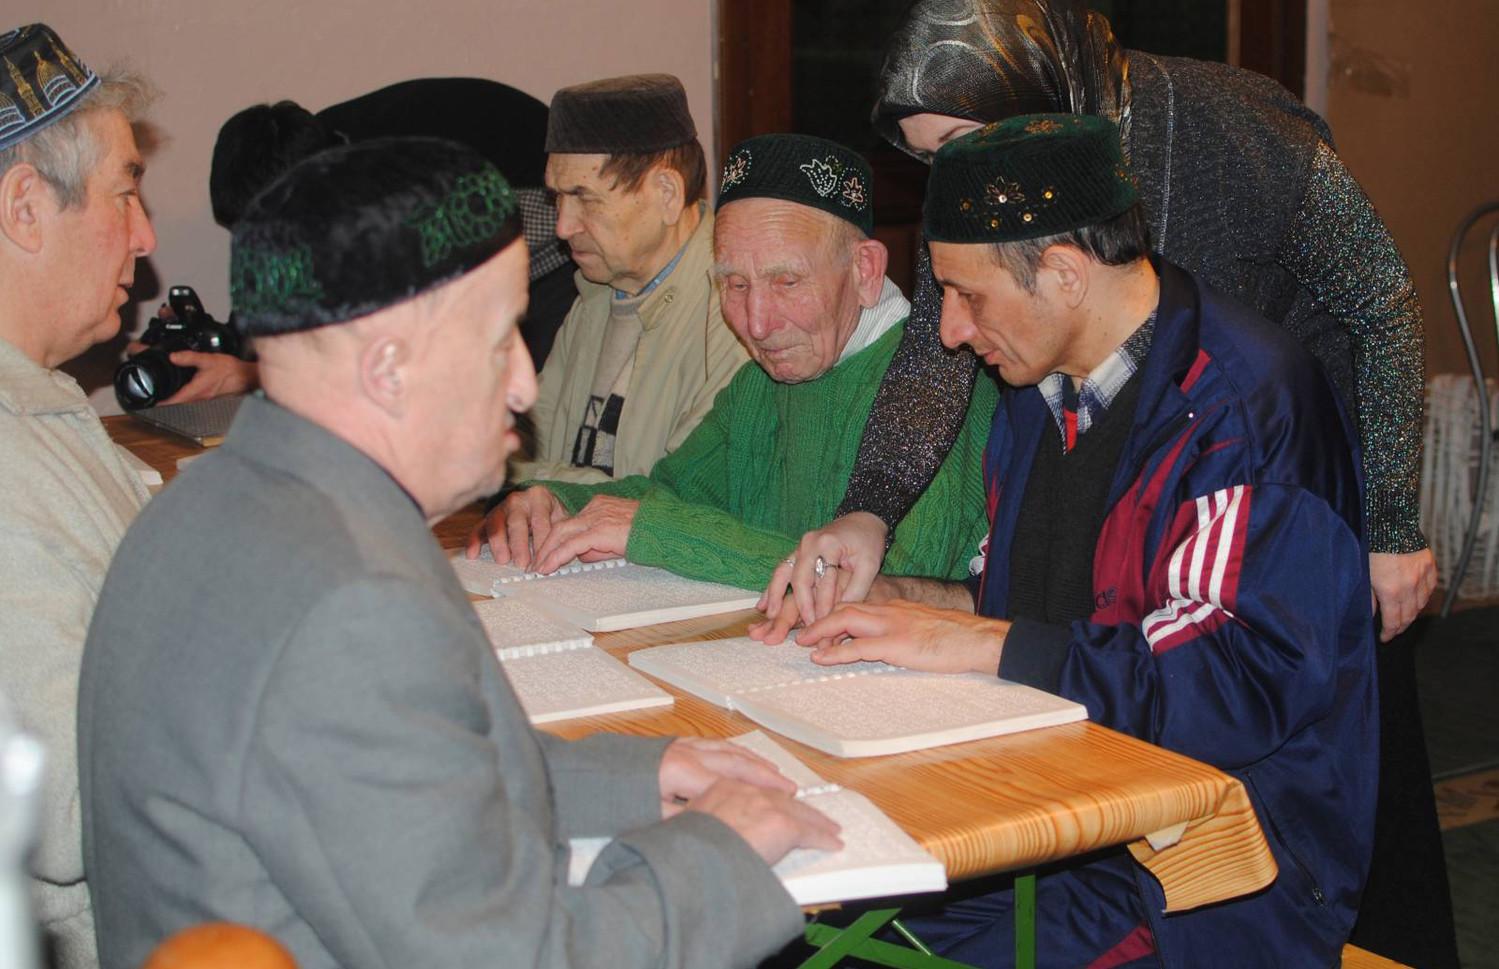 Последняя неделя курсов для незрячих людей при мечети «Сулейман» особенно насыщена мероприятиями